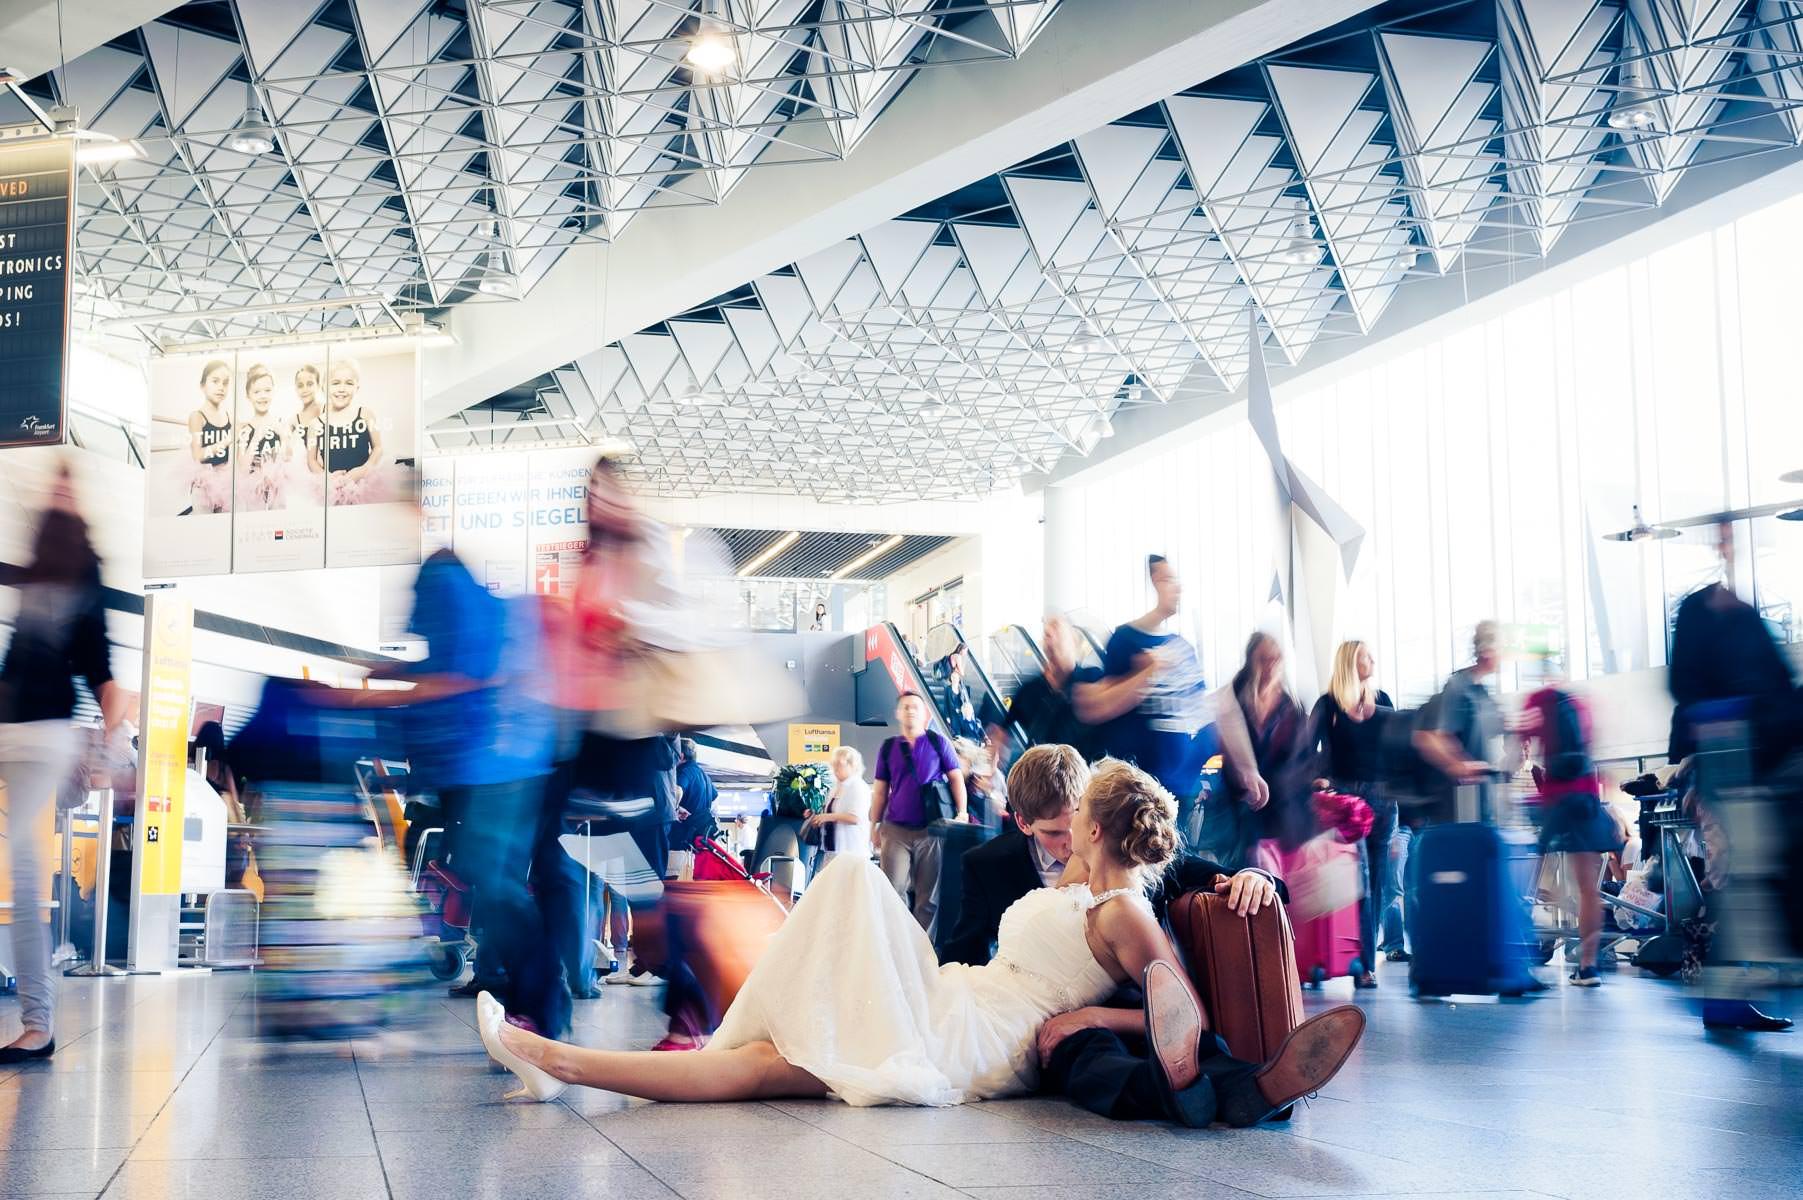 Brautpaar stzt auf dem Boden während um sie herum alle Passanten eilig laufen - das alles findet auf dem Flughafen in Frankfurt statt.